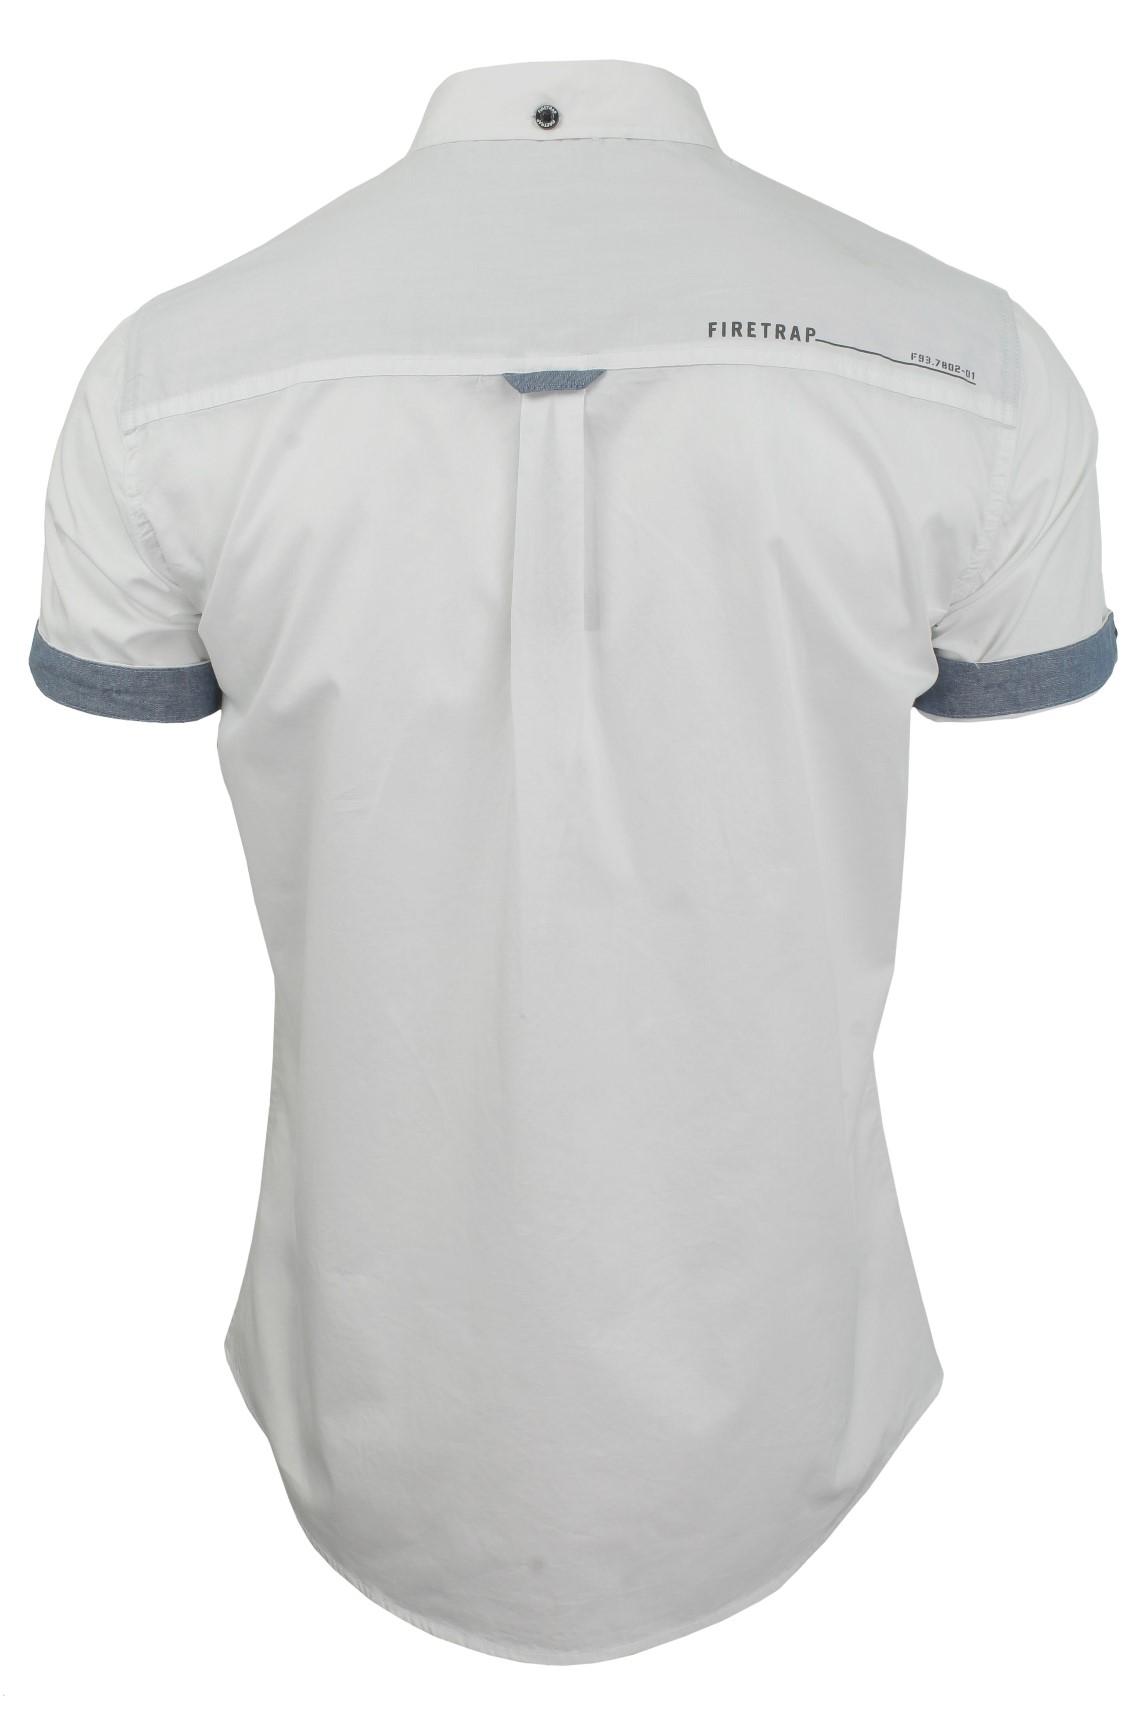 Da-Uomo-Popeline-Camicia-da-Firetrap-039-lanover-039-a-maniche-corte-Slim-Fit miniatura 20